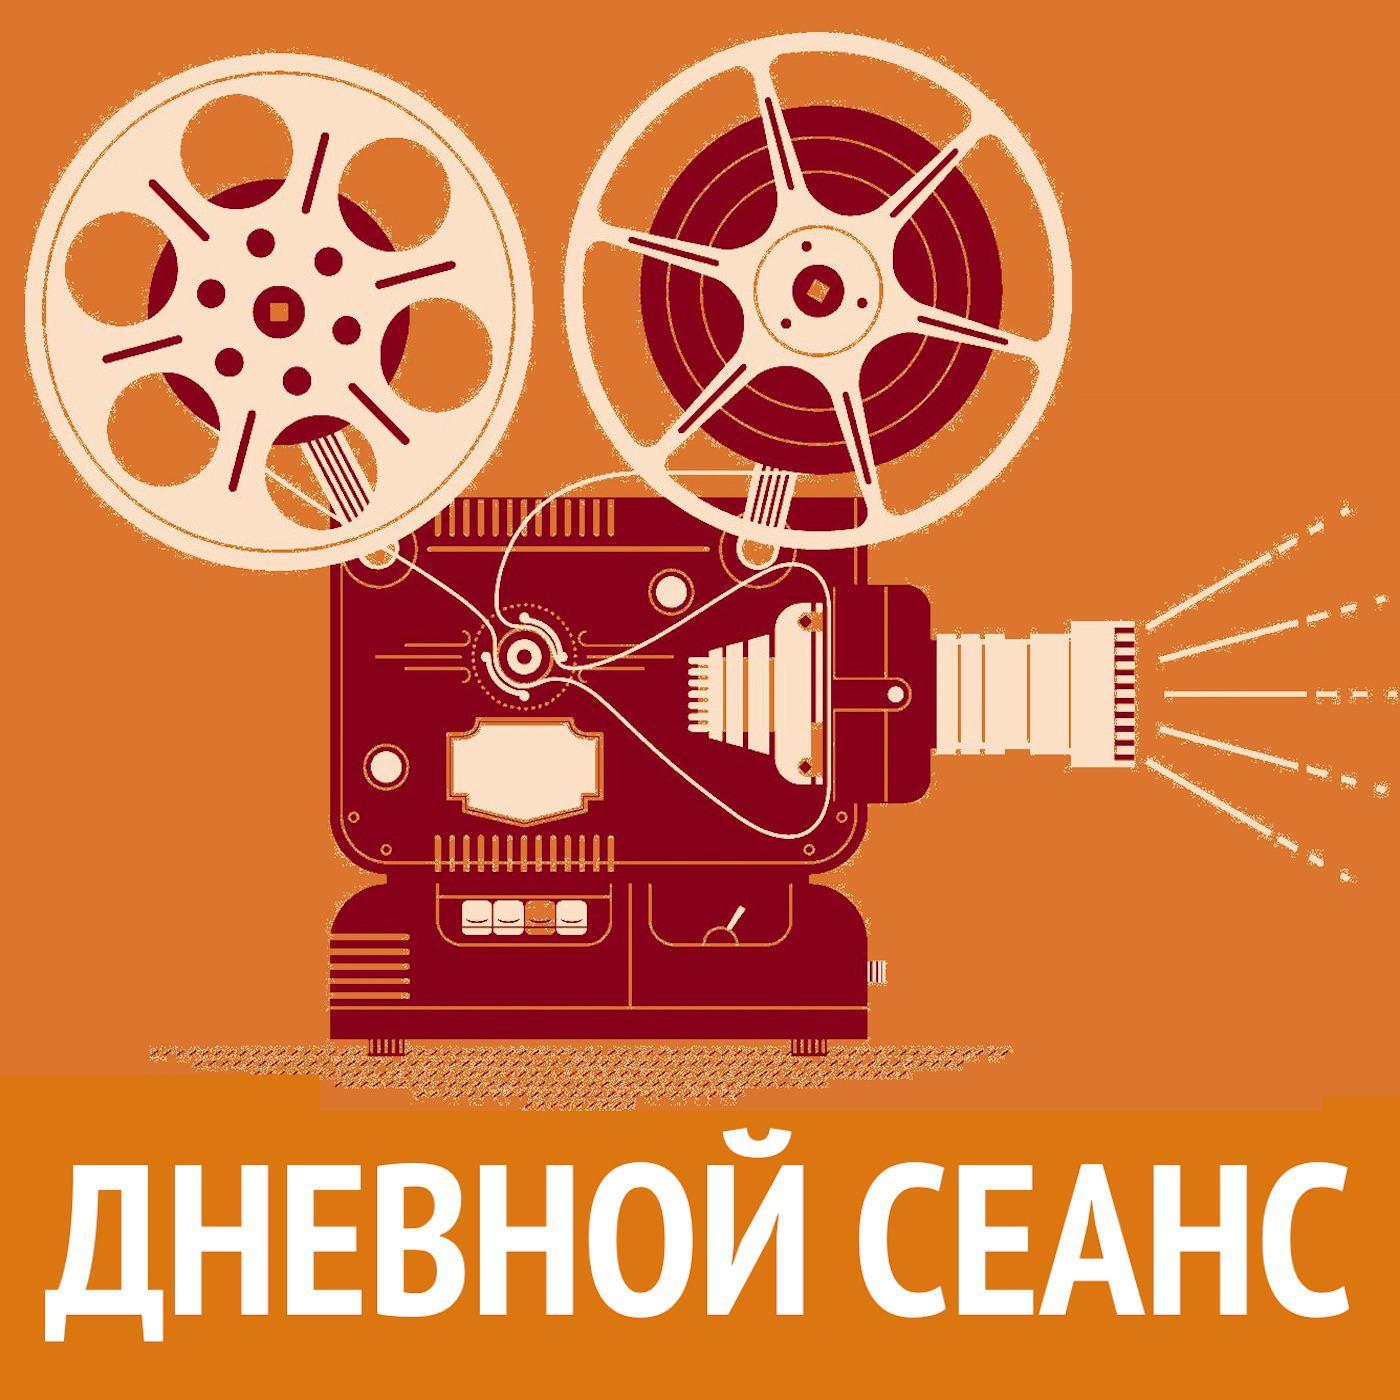 Илья Либман Александра Пахмутова — музыка для кино. Дневной сеанс — эфир от 29 ноября сеанс guide российские фильмы 2007 года